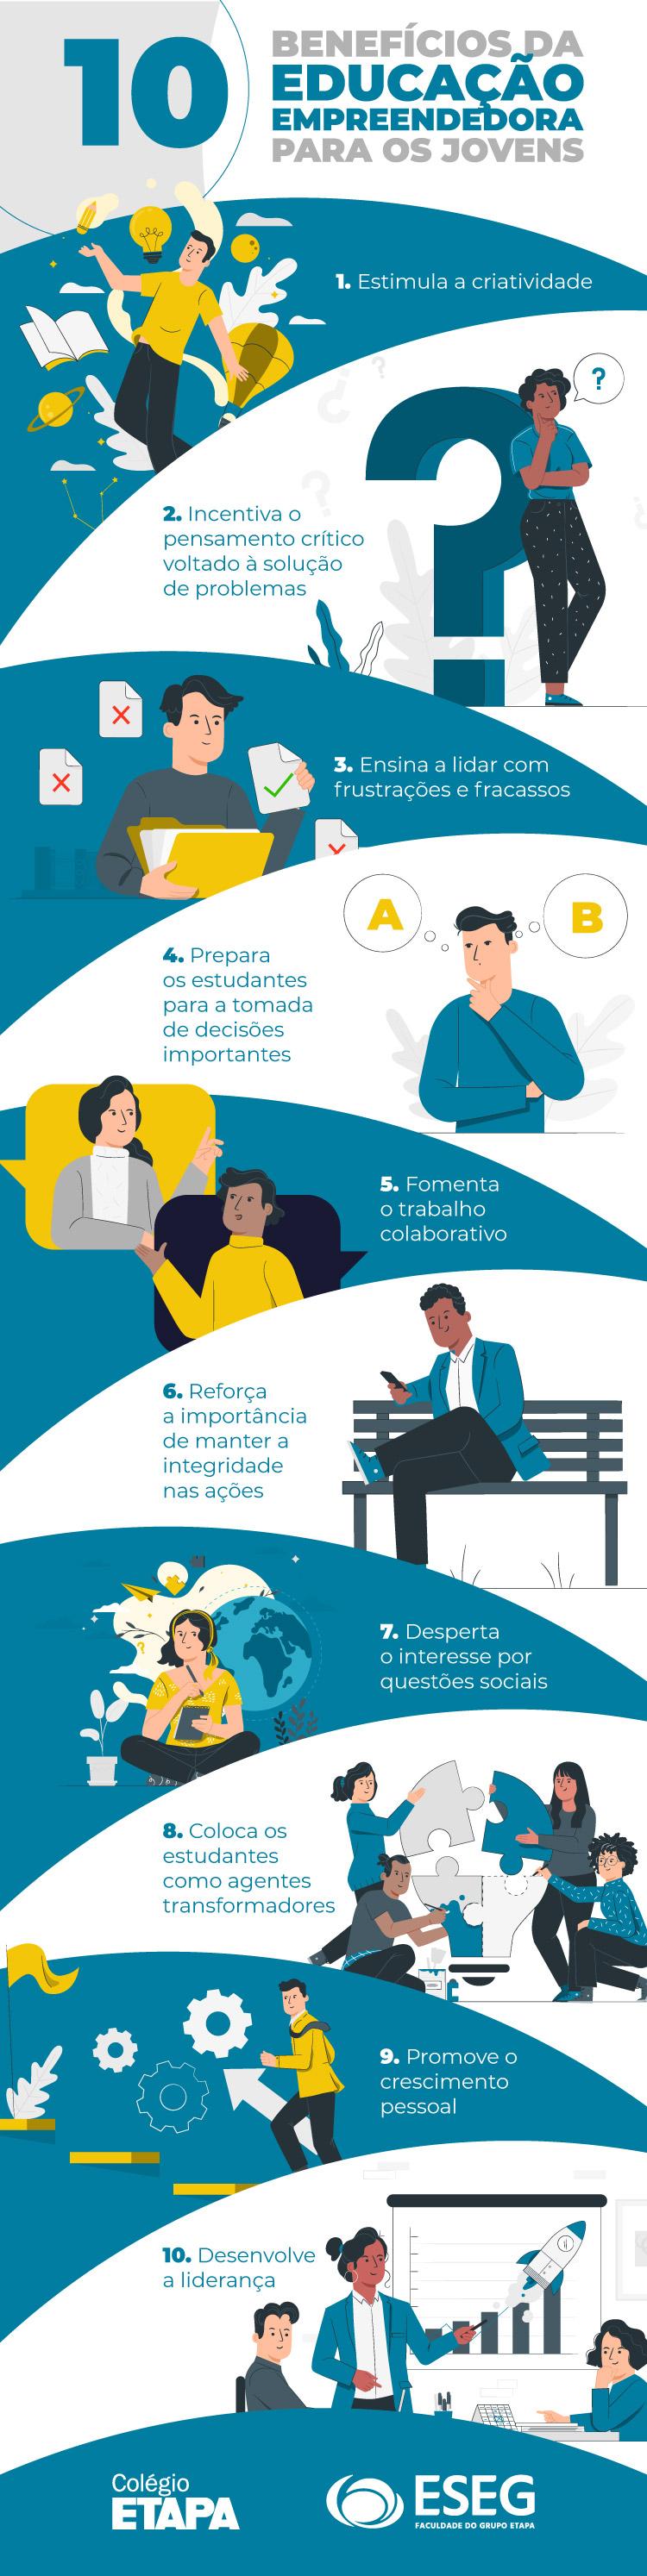 10 benefícios da educação empreendedora para os jovens